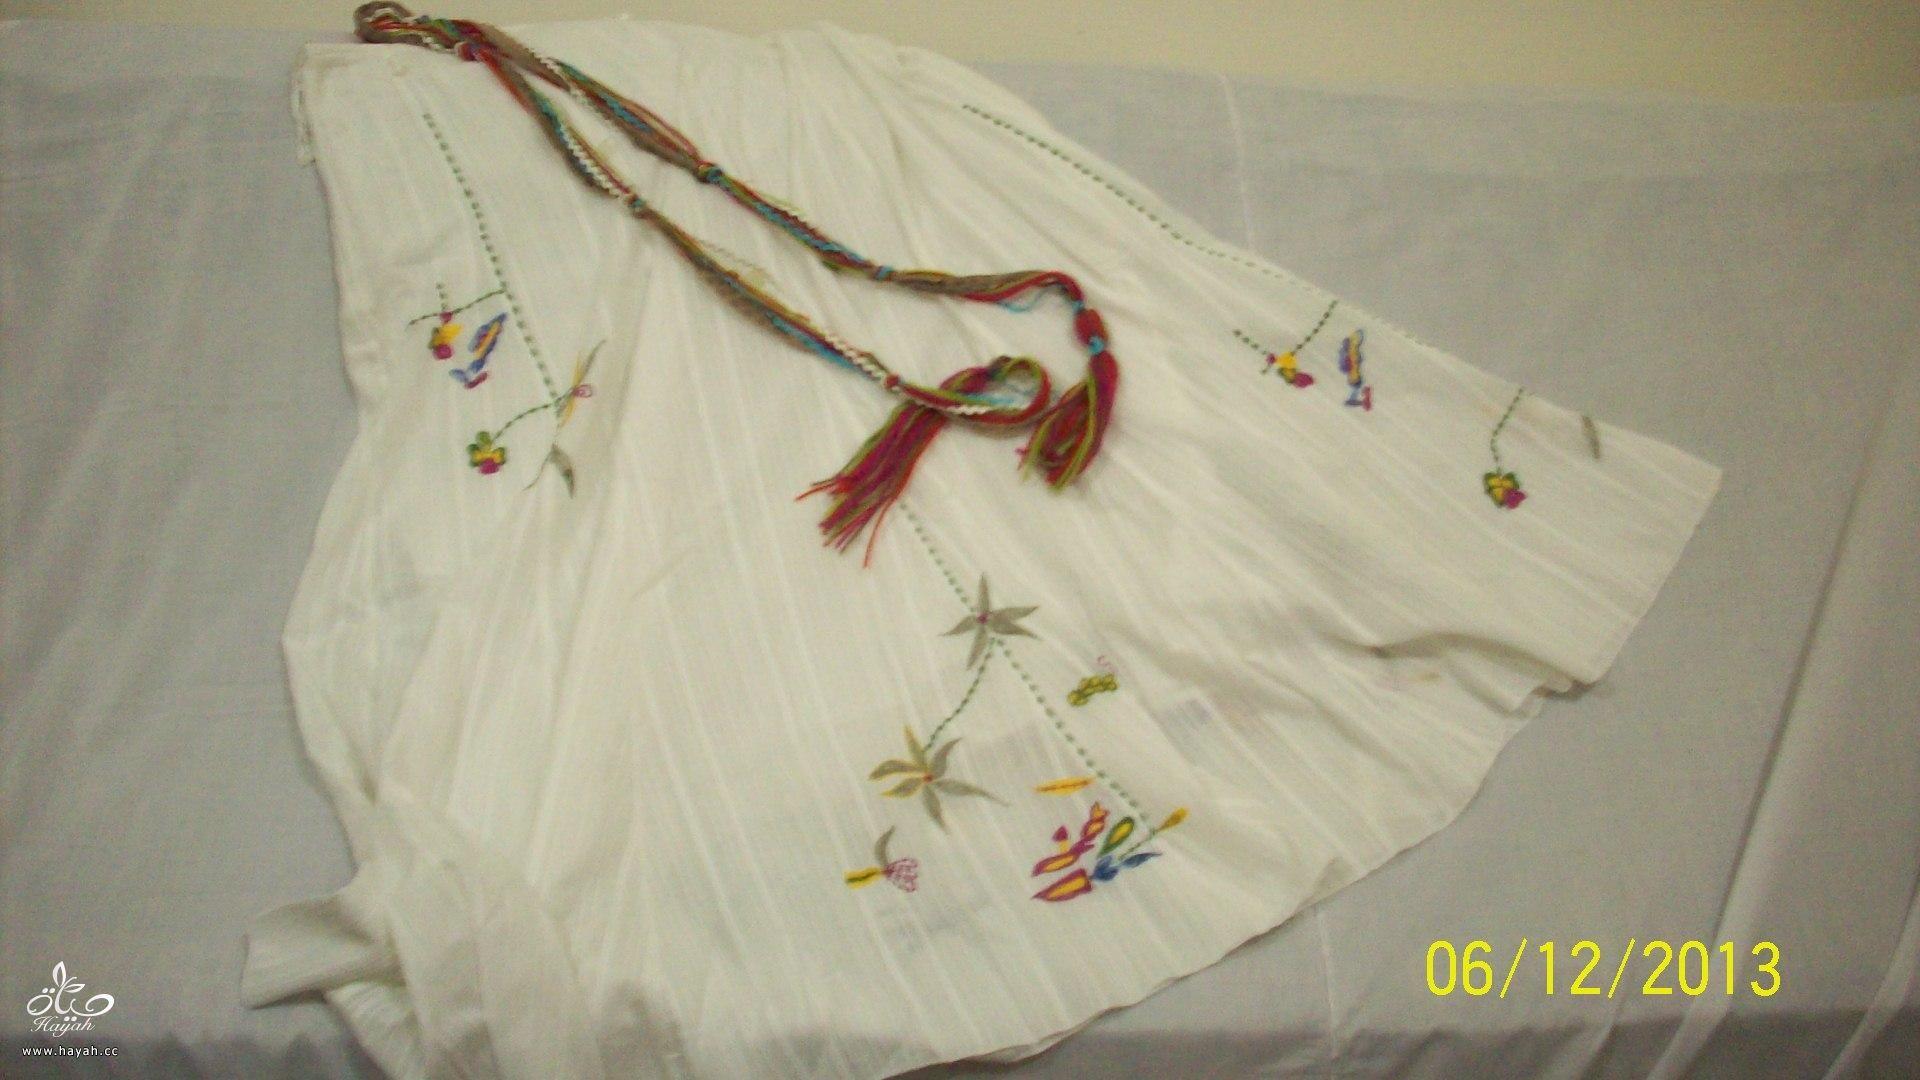 ملابسي - ملابس جديدة للبيع hayahcc_1389921712_330.jpg